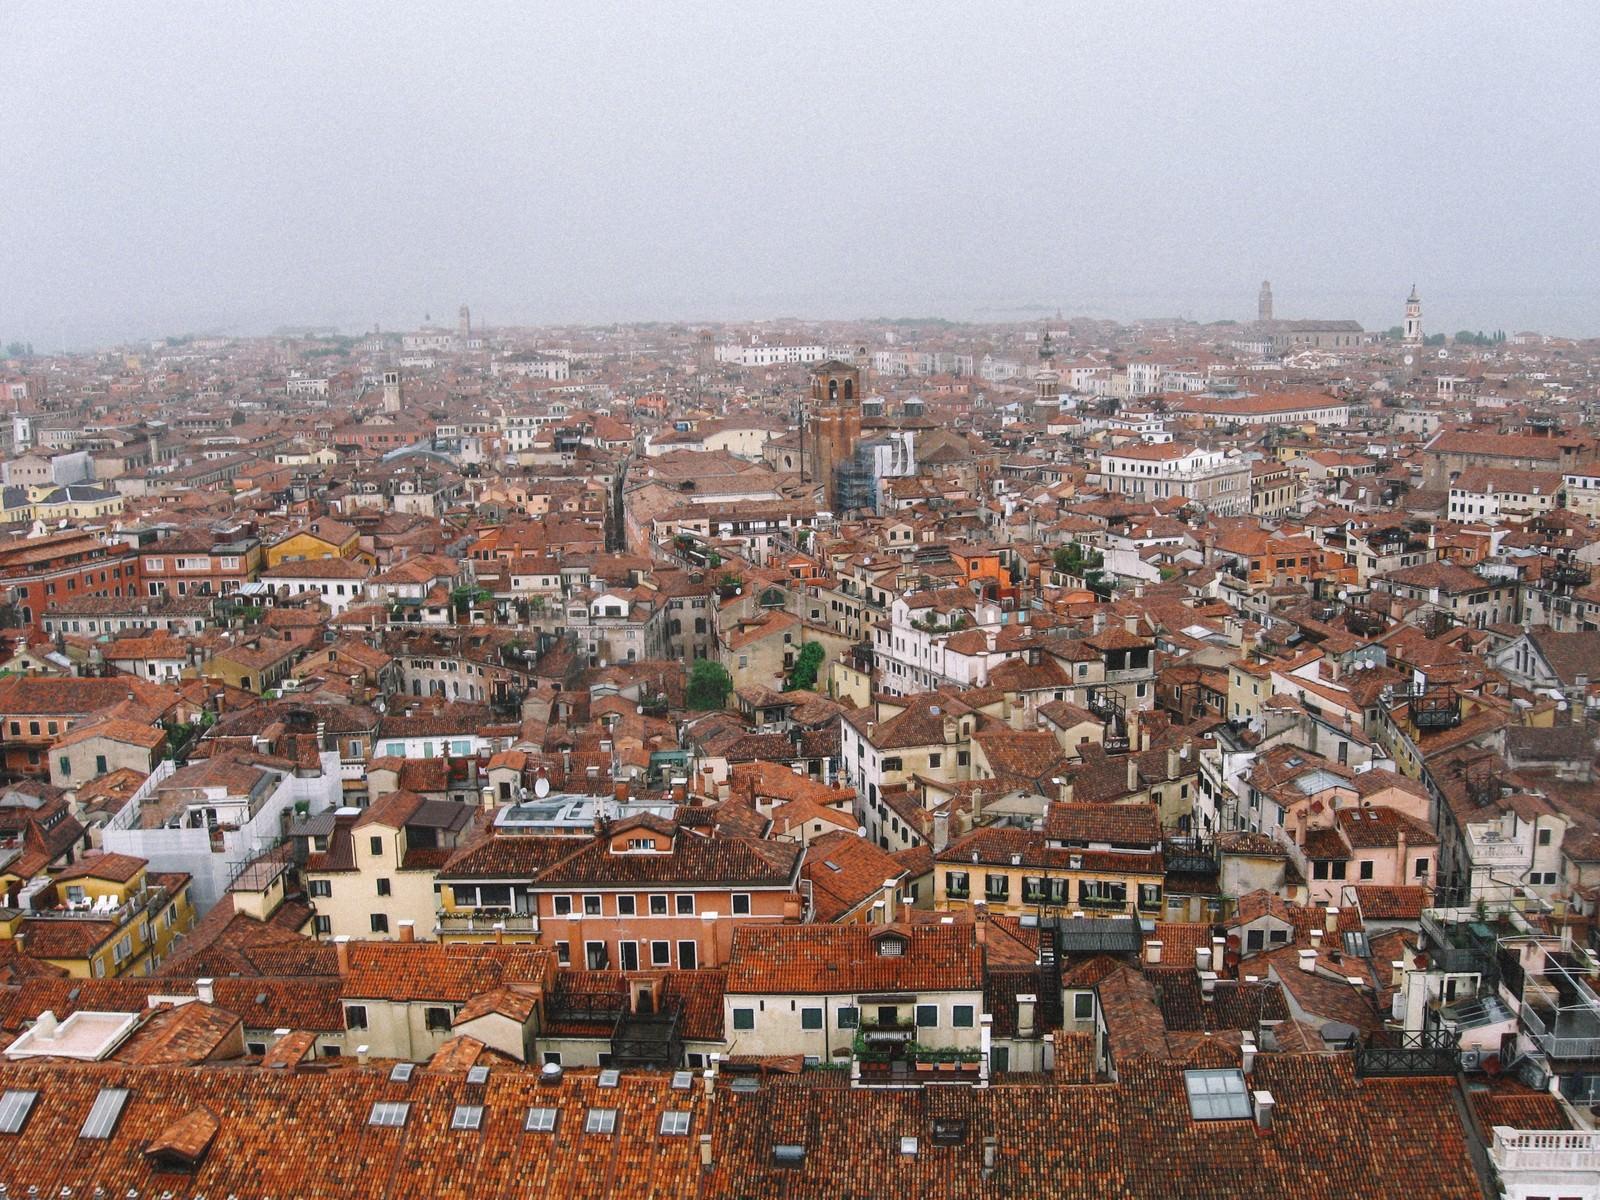 「赤茶色に染まる屋根とベネチアの建物(イタリア)」の写真